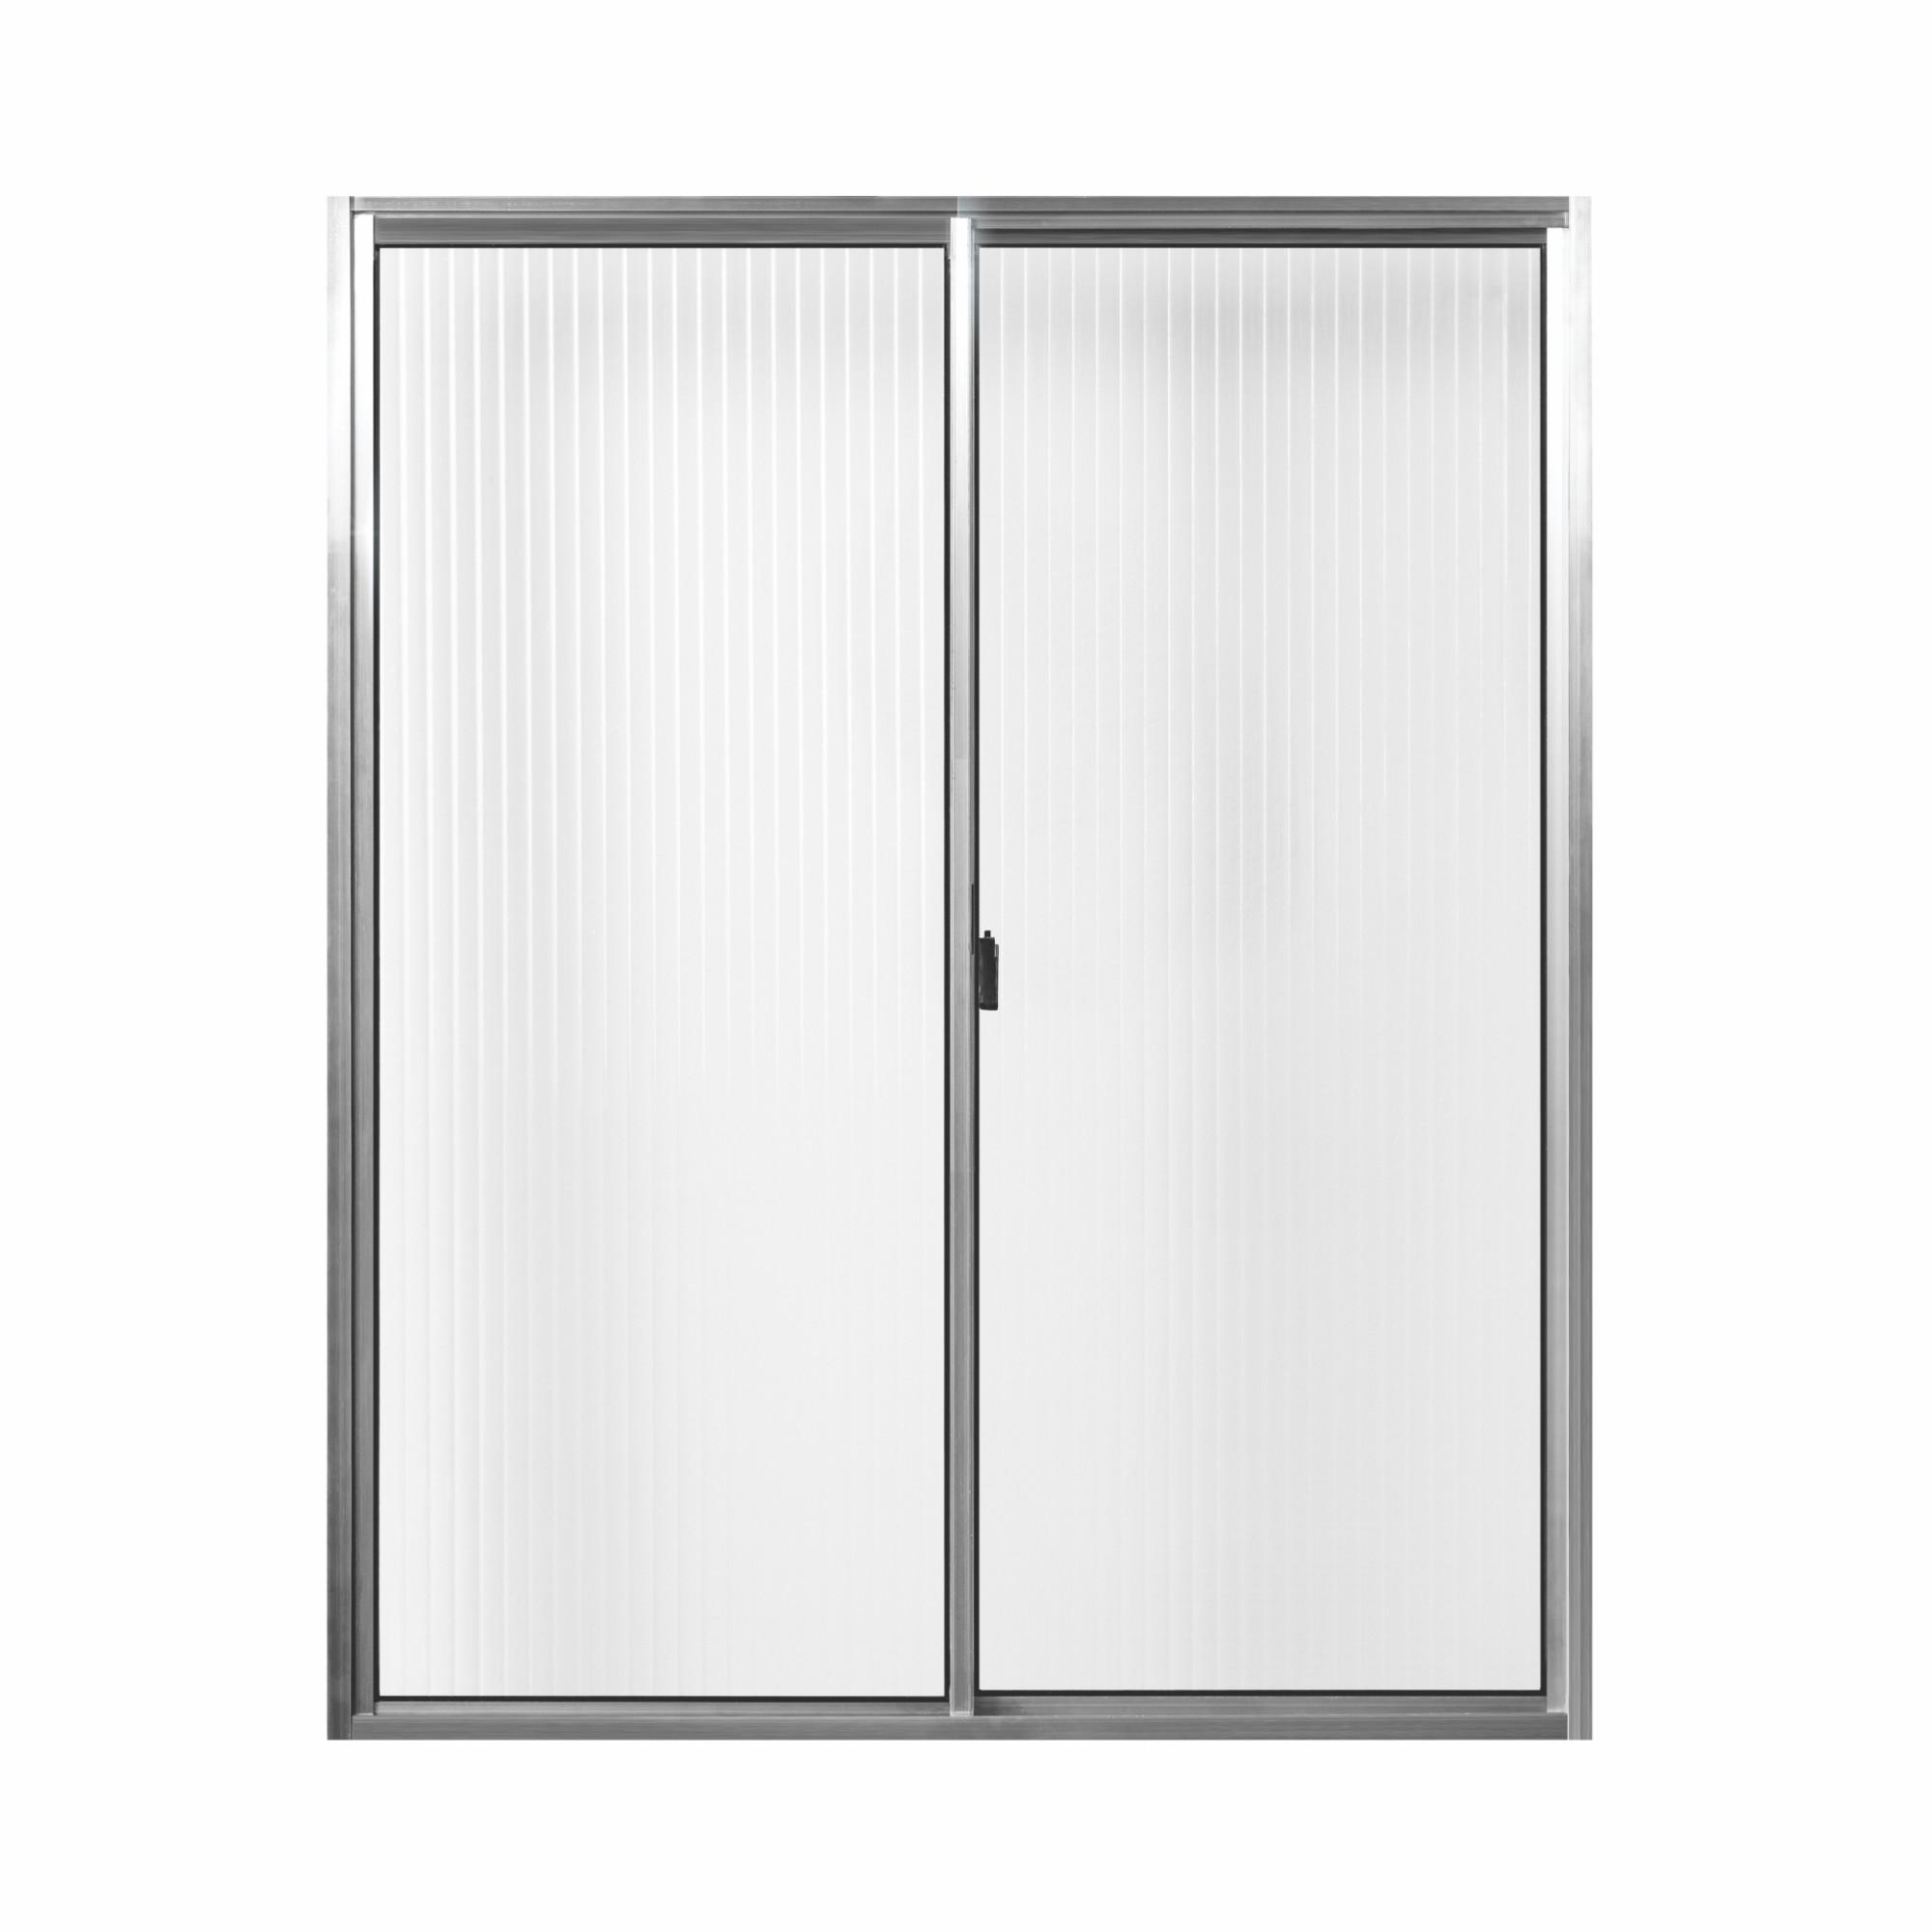 Janela de Correr de Aluminio Vidro Canelado 2 Folhas 100x80 cm - Aluvid